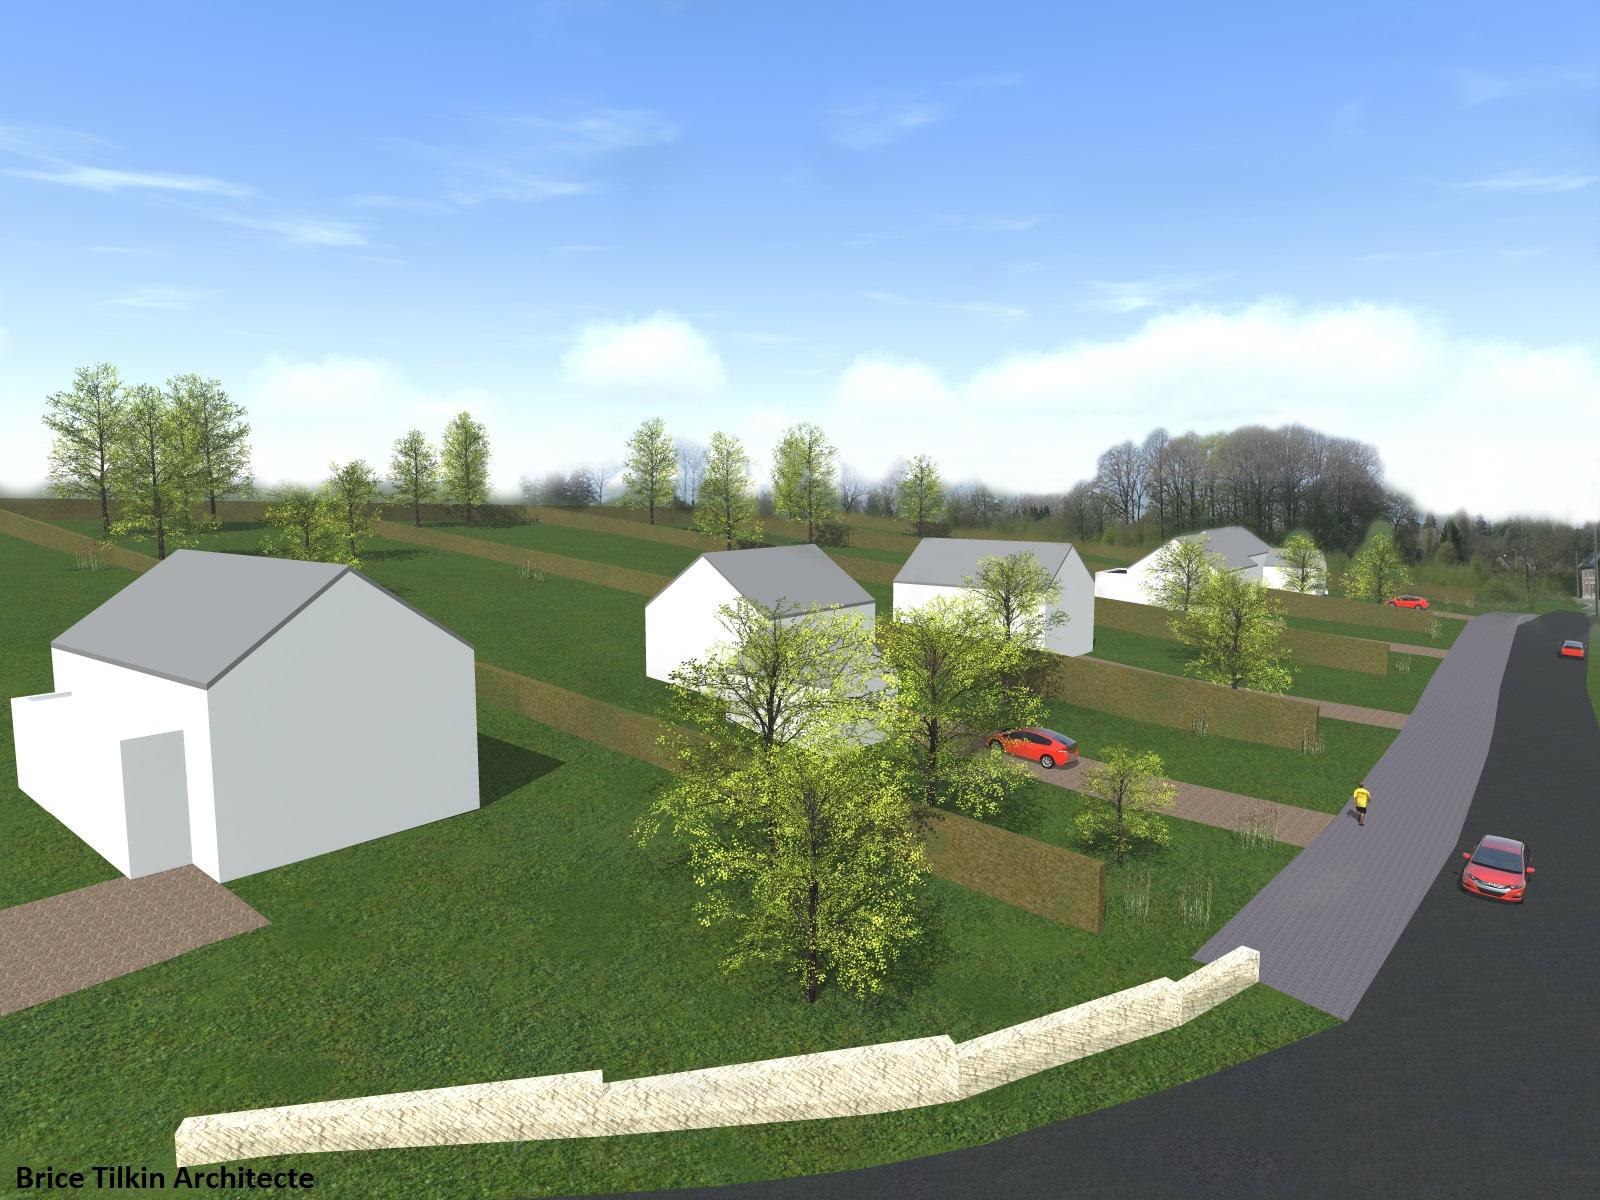 tilkin brice architecte li ge permis de lotir 7 bureau d 39 architecture tilkin. Black Bedroom Furniture Sets. Home Design Ideas